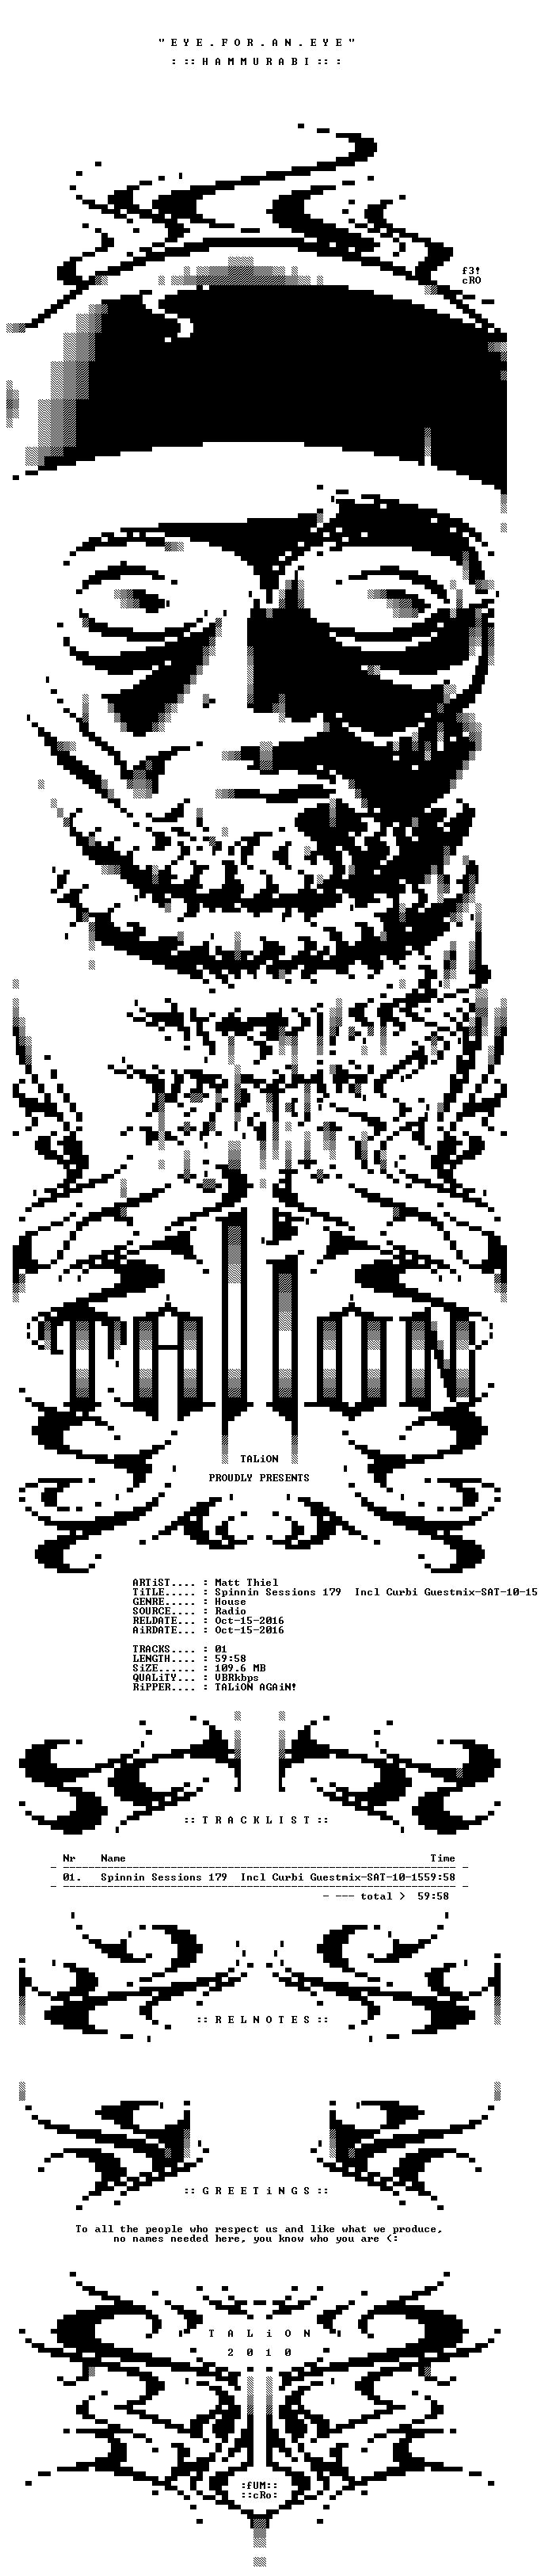 Matt Thiel - Spinnin Sessions 179 Incl Curbi Guestmix-SAT-10-15-2016-TALiON